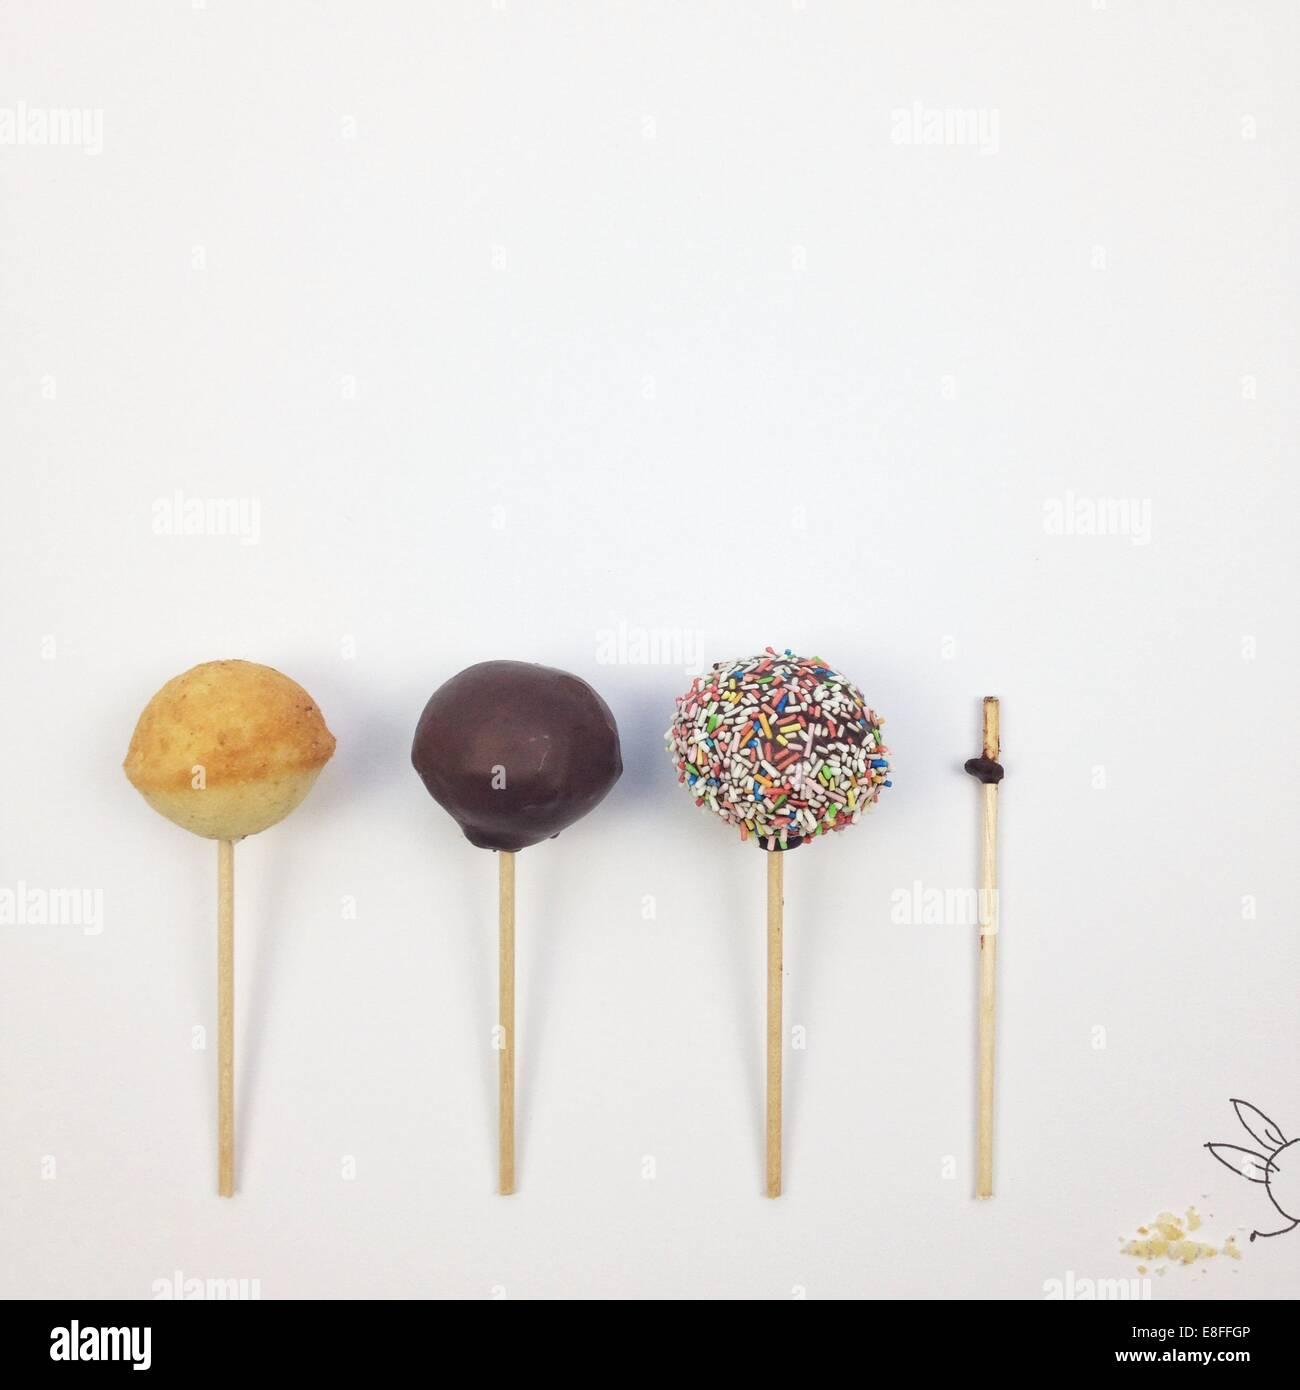 Caractère fantaisie conceptuelle confiserie alimentation Photo Stock